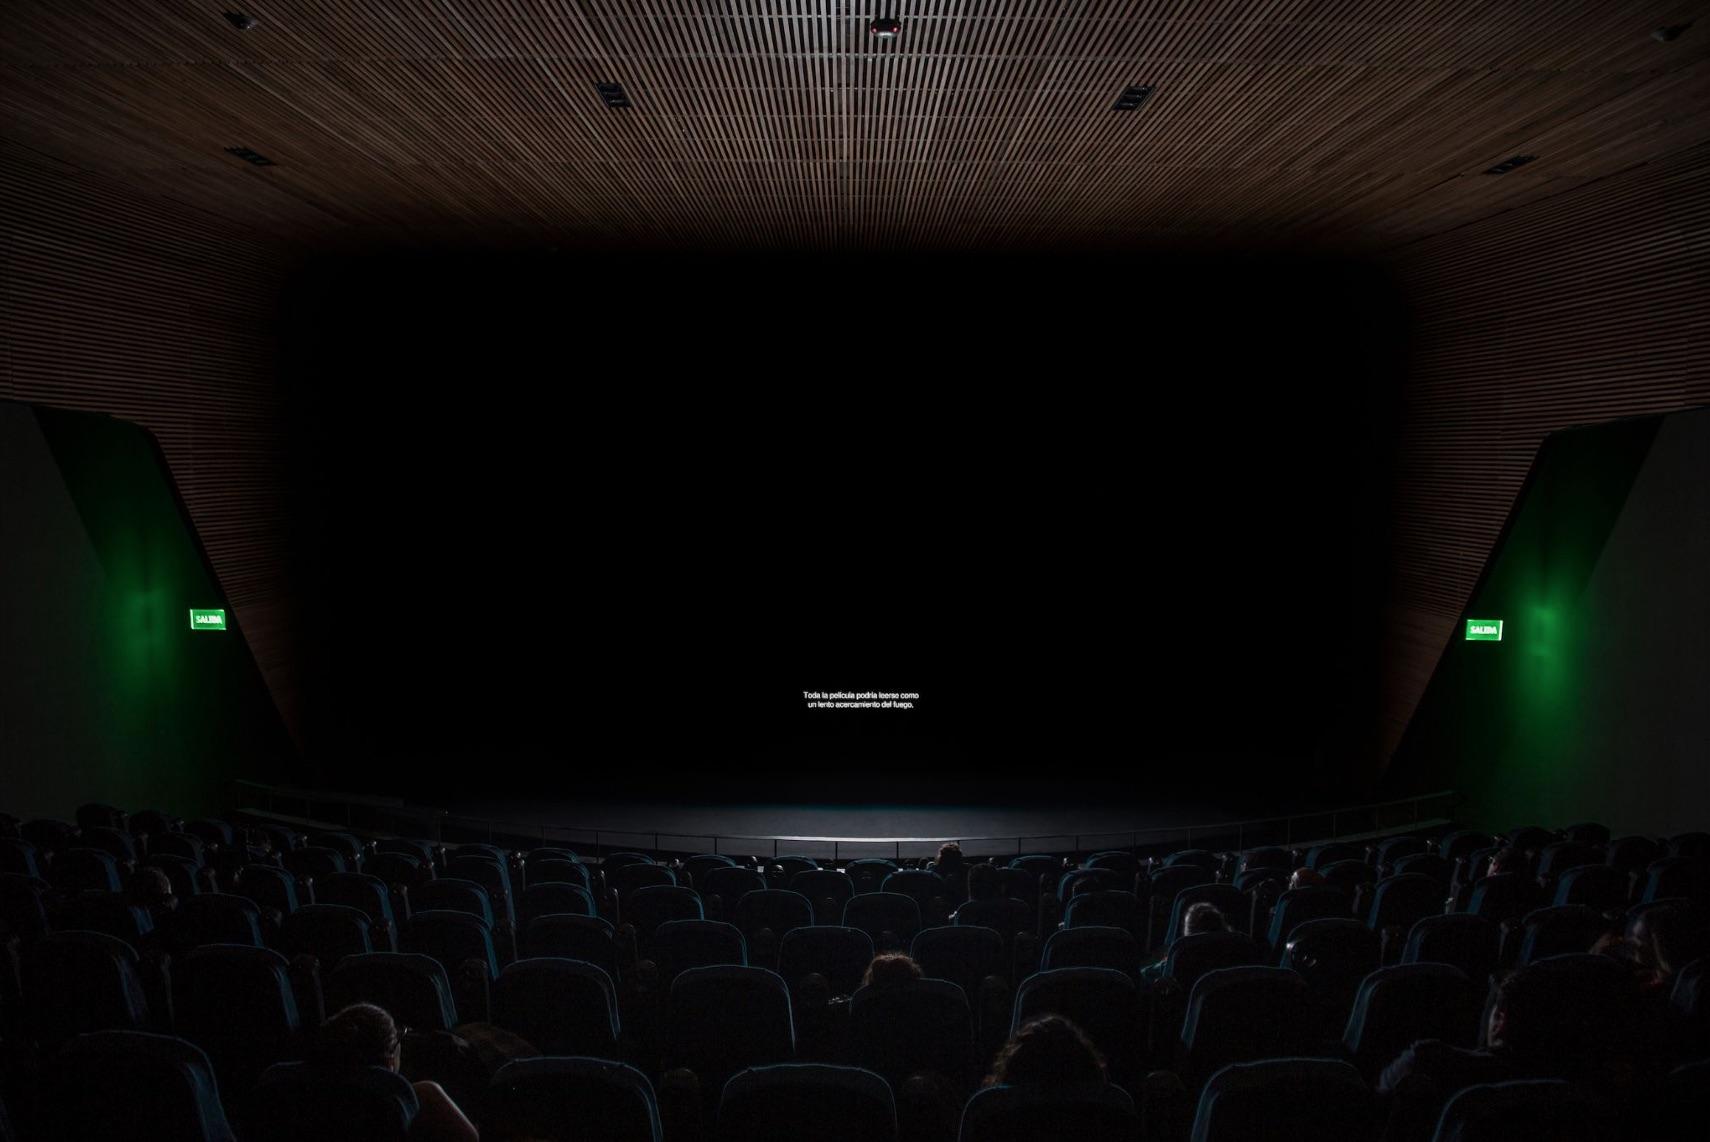 """Daniel Monroy Cuevas, Toda la película podría leerse como un lento acercamiento al fuego (""""The Whole Film Could be Read as a Slow Approach to Fire""""), 2019. Courtesy of the artist."""